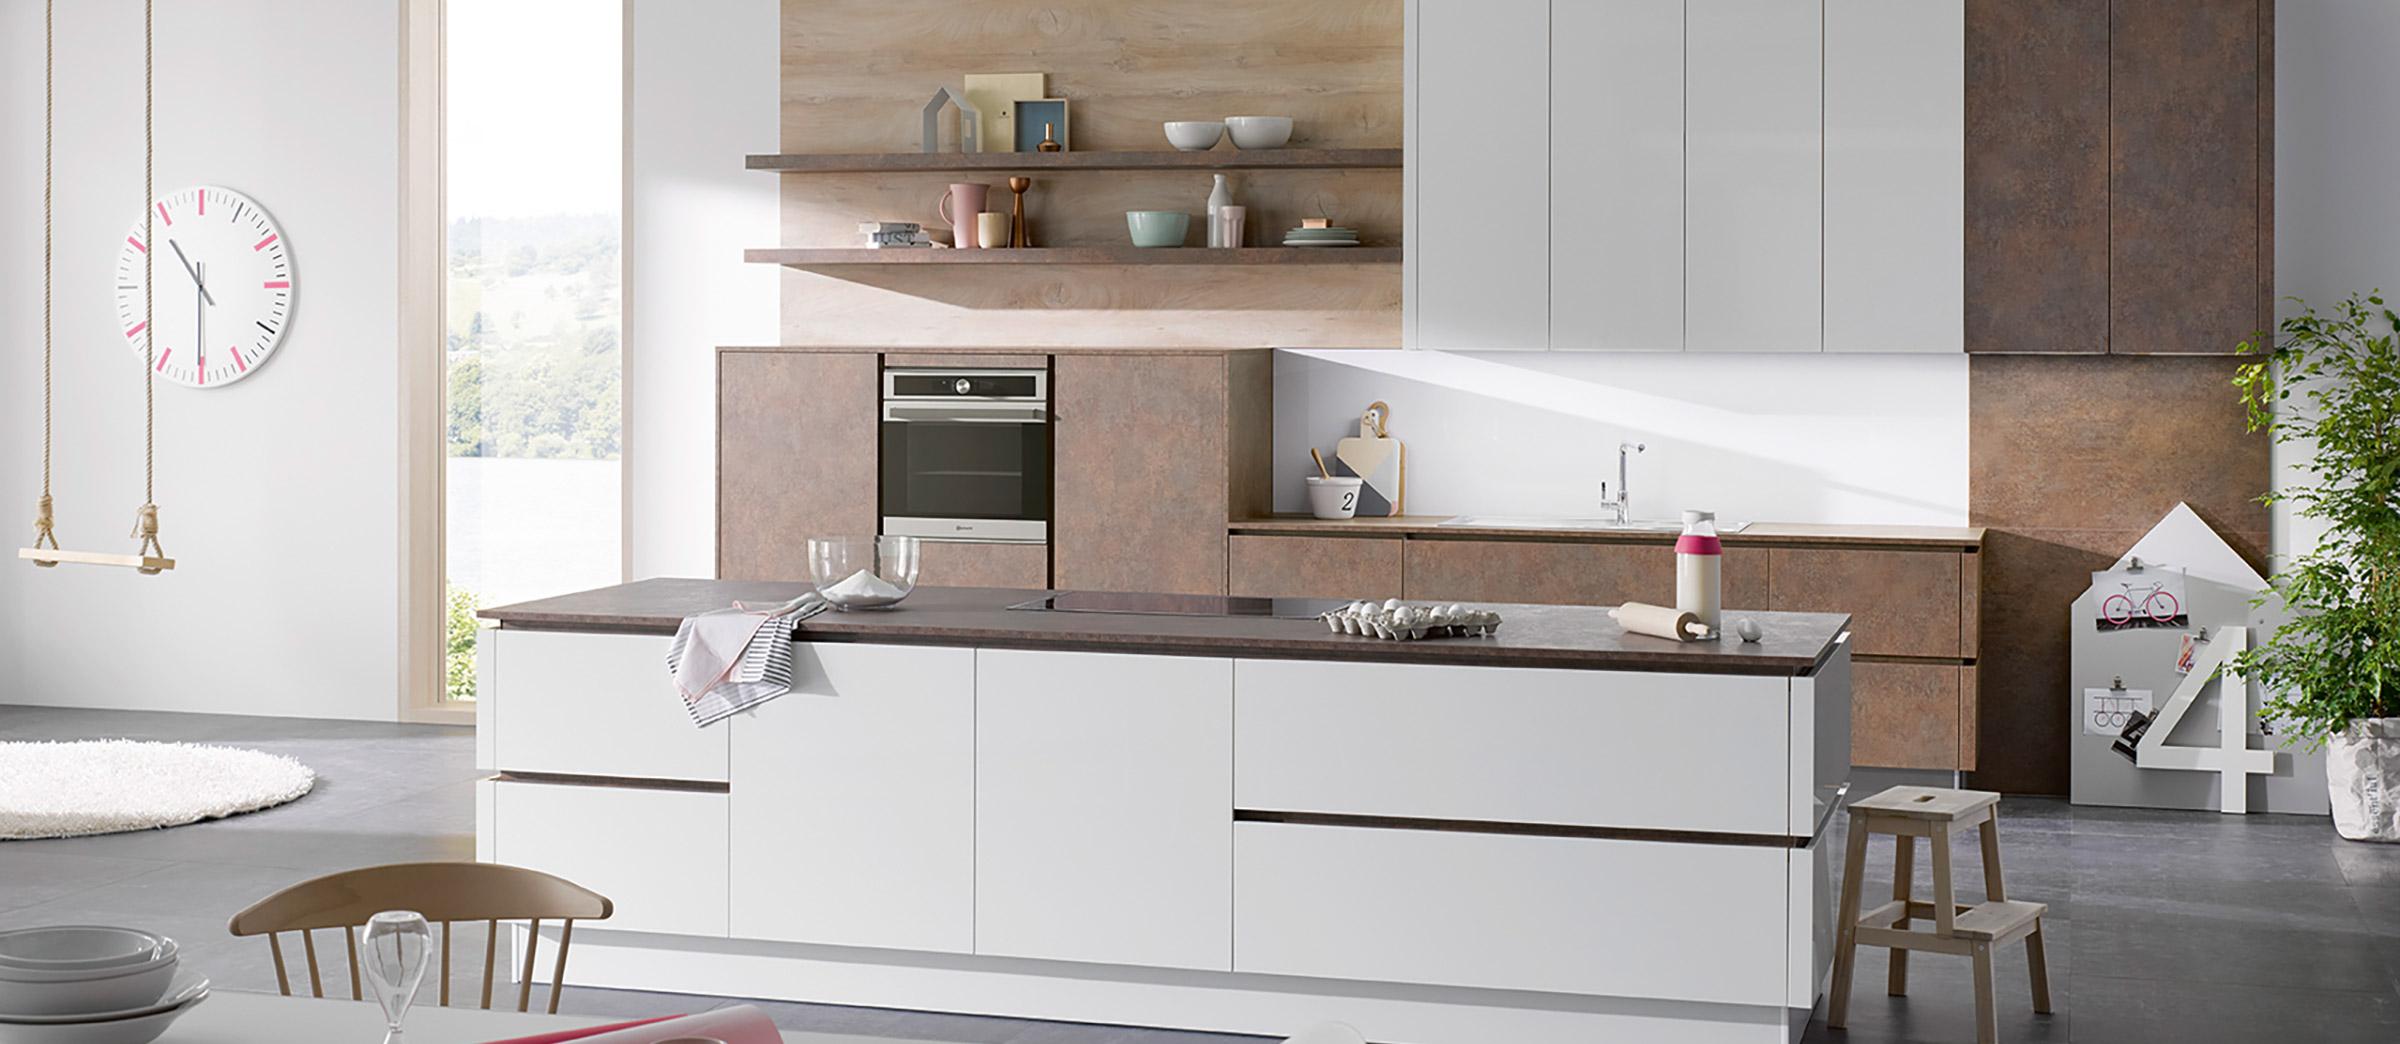 Full Size of Grifflose Küche Selber Bauen Grifflose Küche U Form Grifflose Küche Hochglanz Weiß Grifflose Küche Abverkauf Küche Grifflose Küche